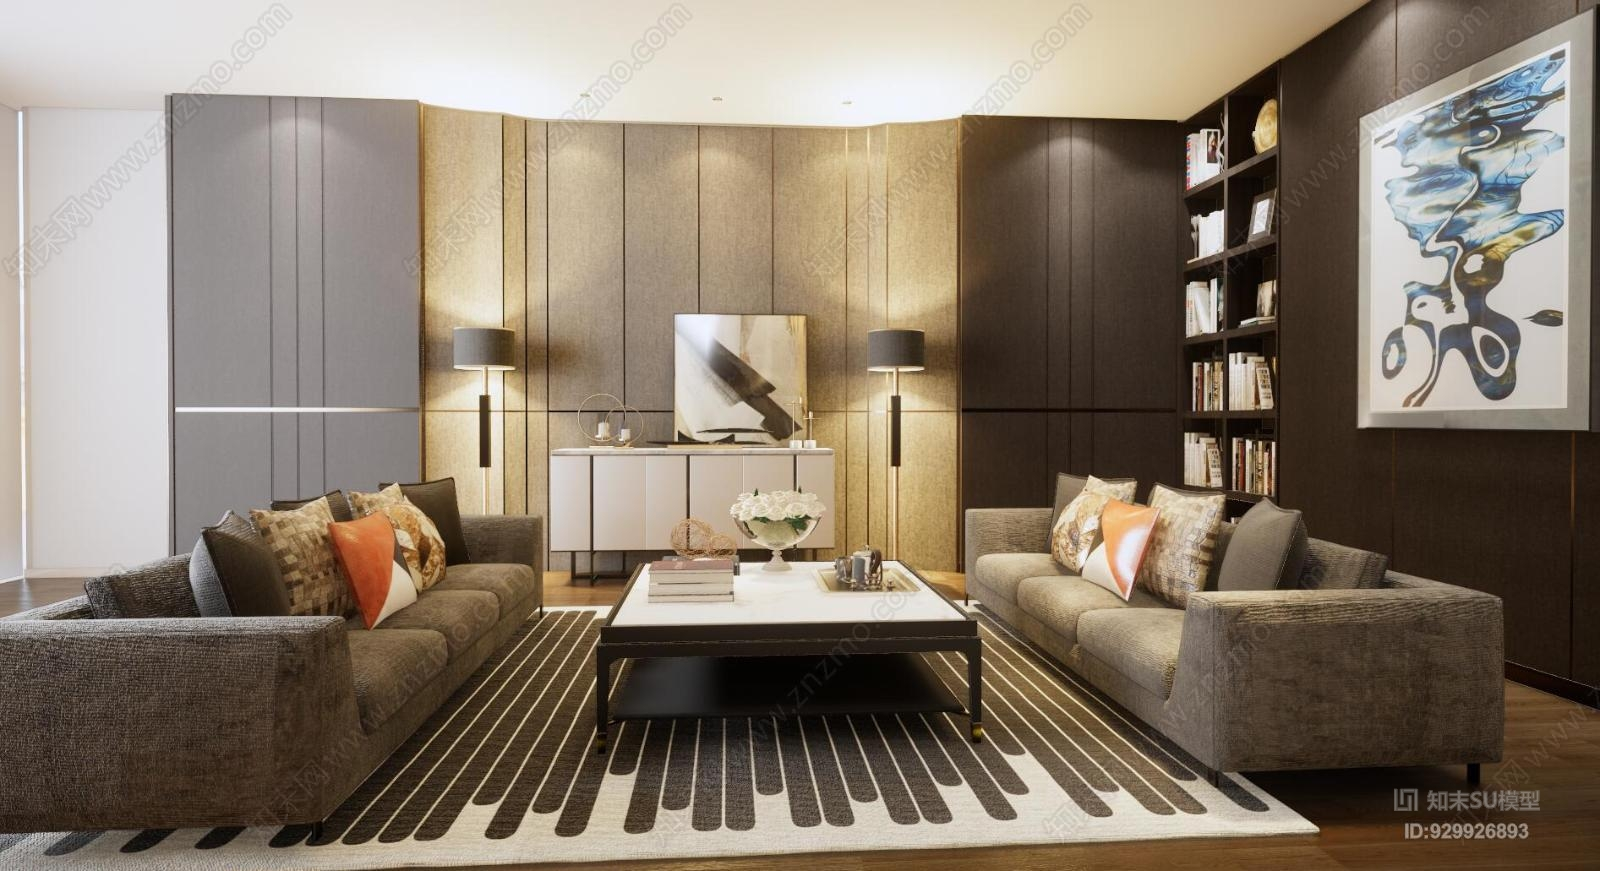 现代简约客厅背景墙沙发组合玄关柜